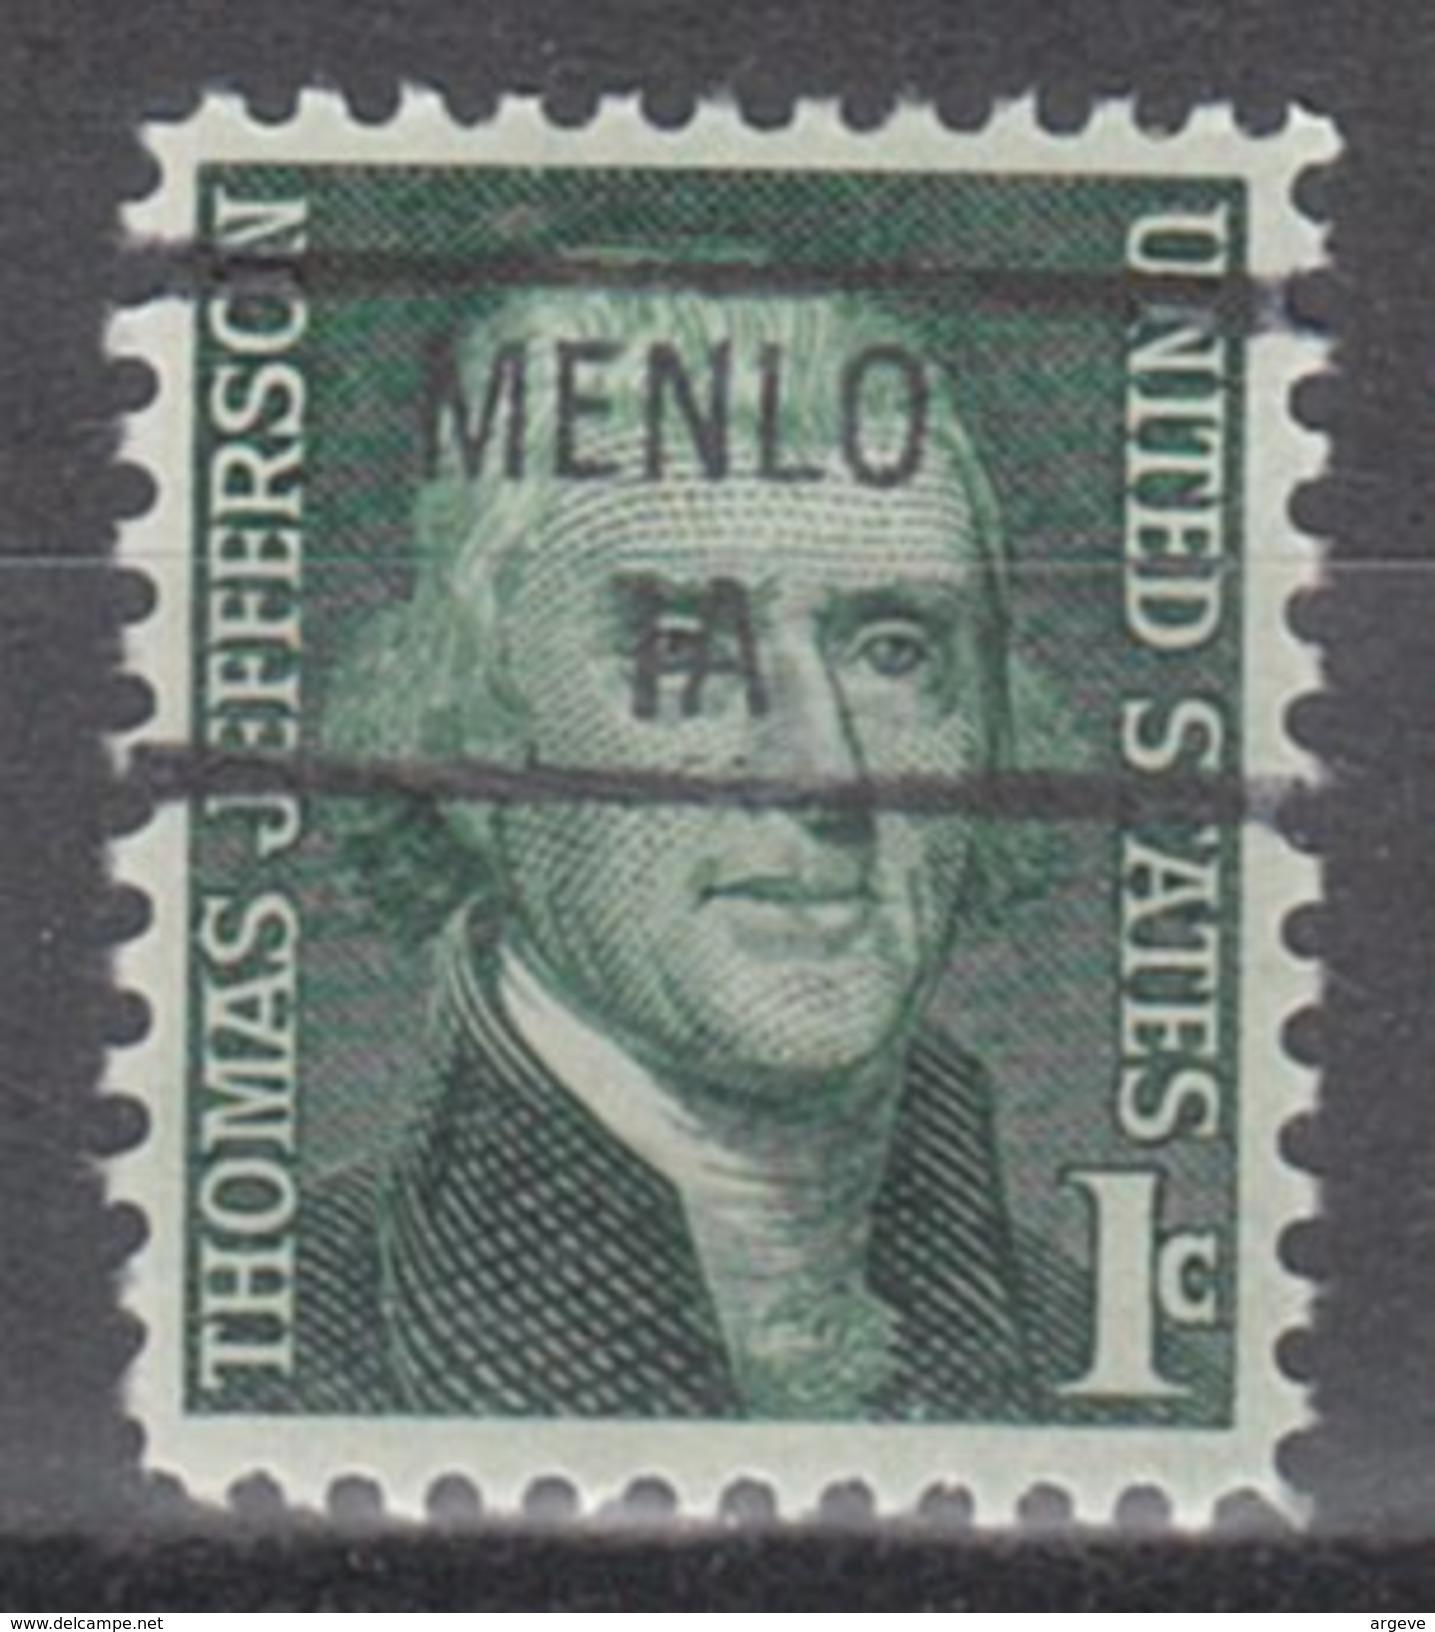 USA Precancel Vorausentwertung Preos Locals Iowa, Menlo 841 - Vereinigte Staaten